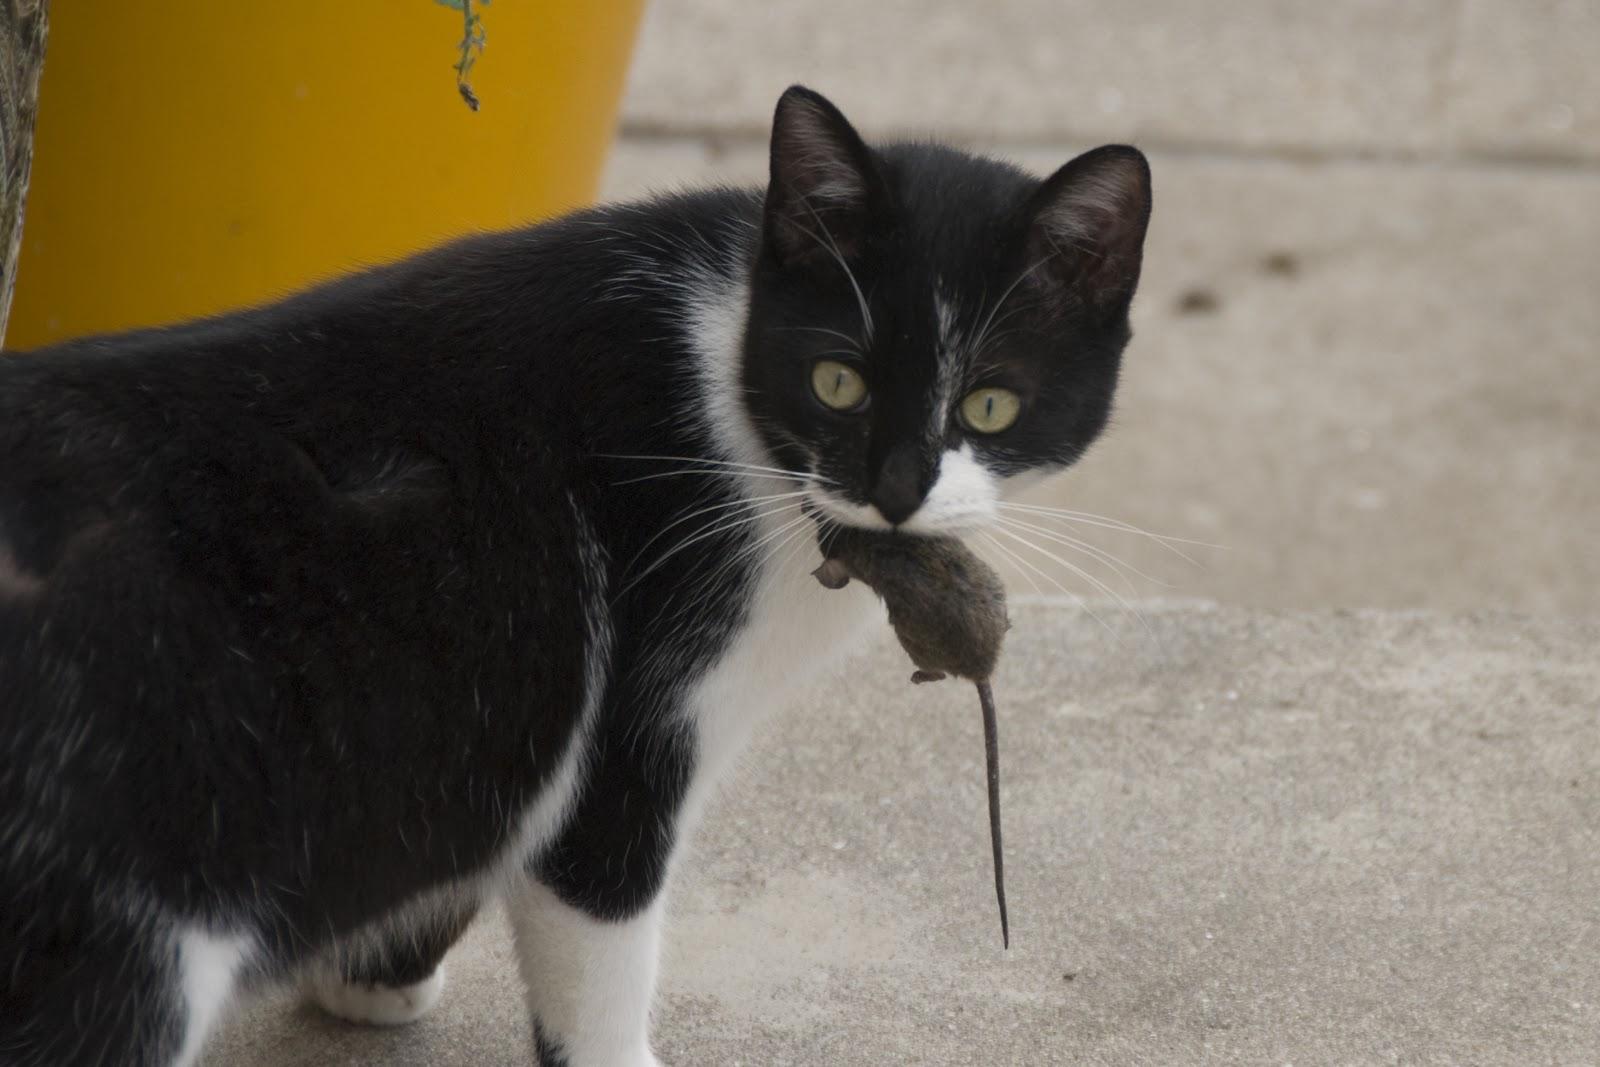 Como cazar ratones interesting gato con guantes no caza - Como cazar ratones ...